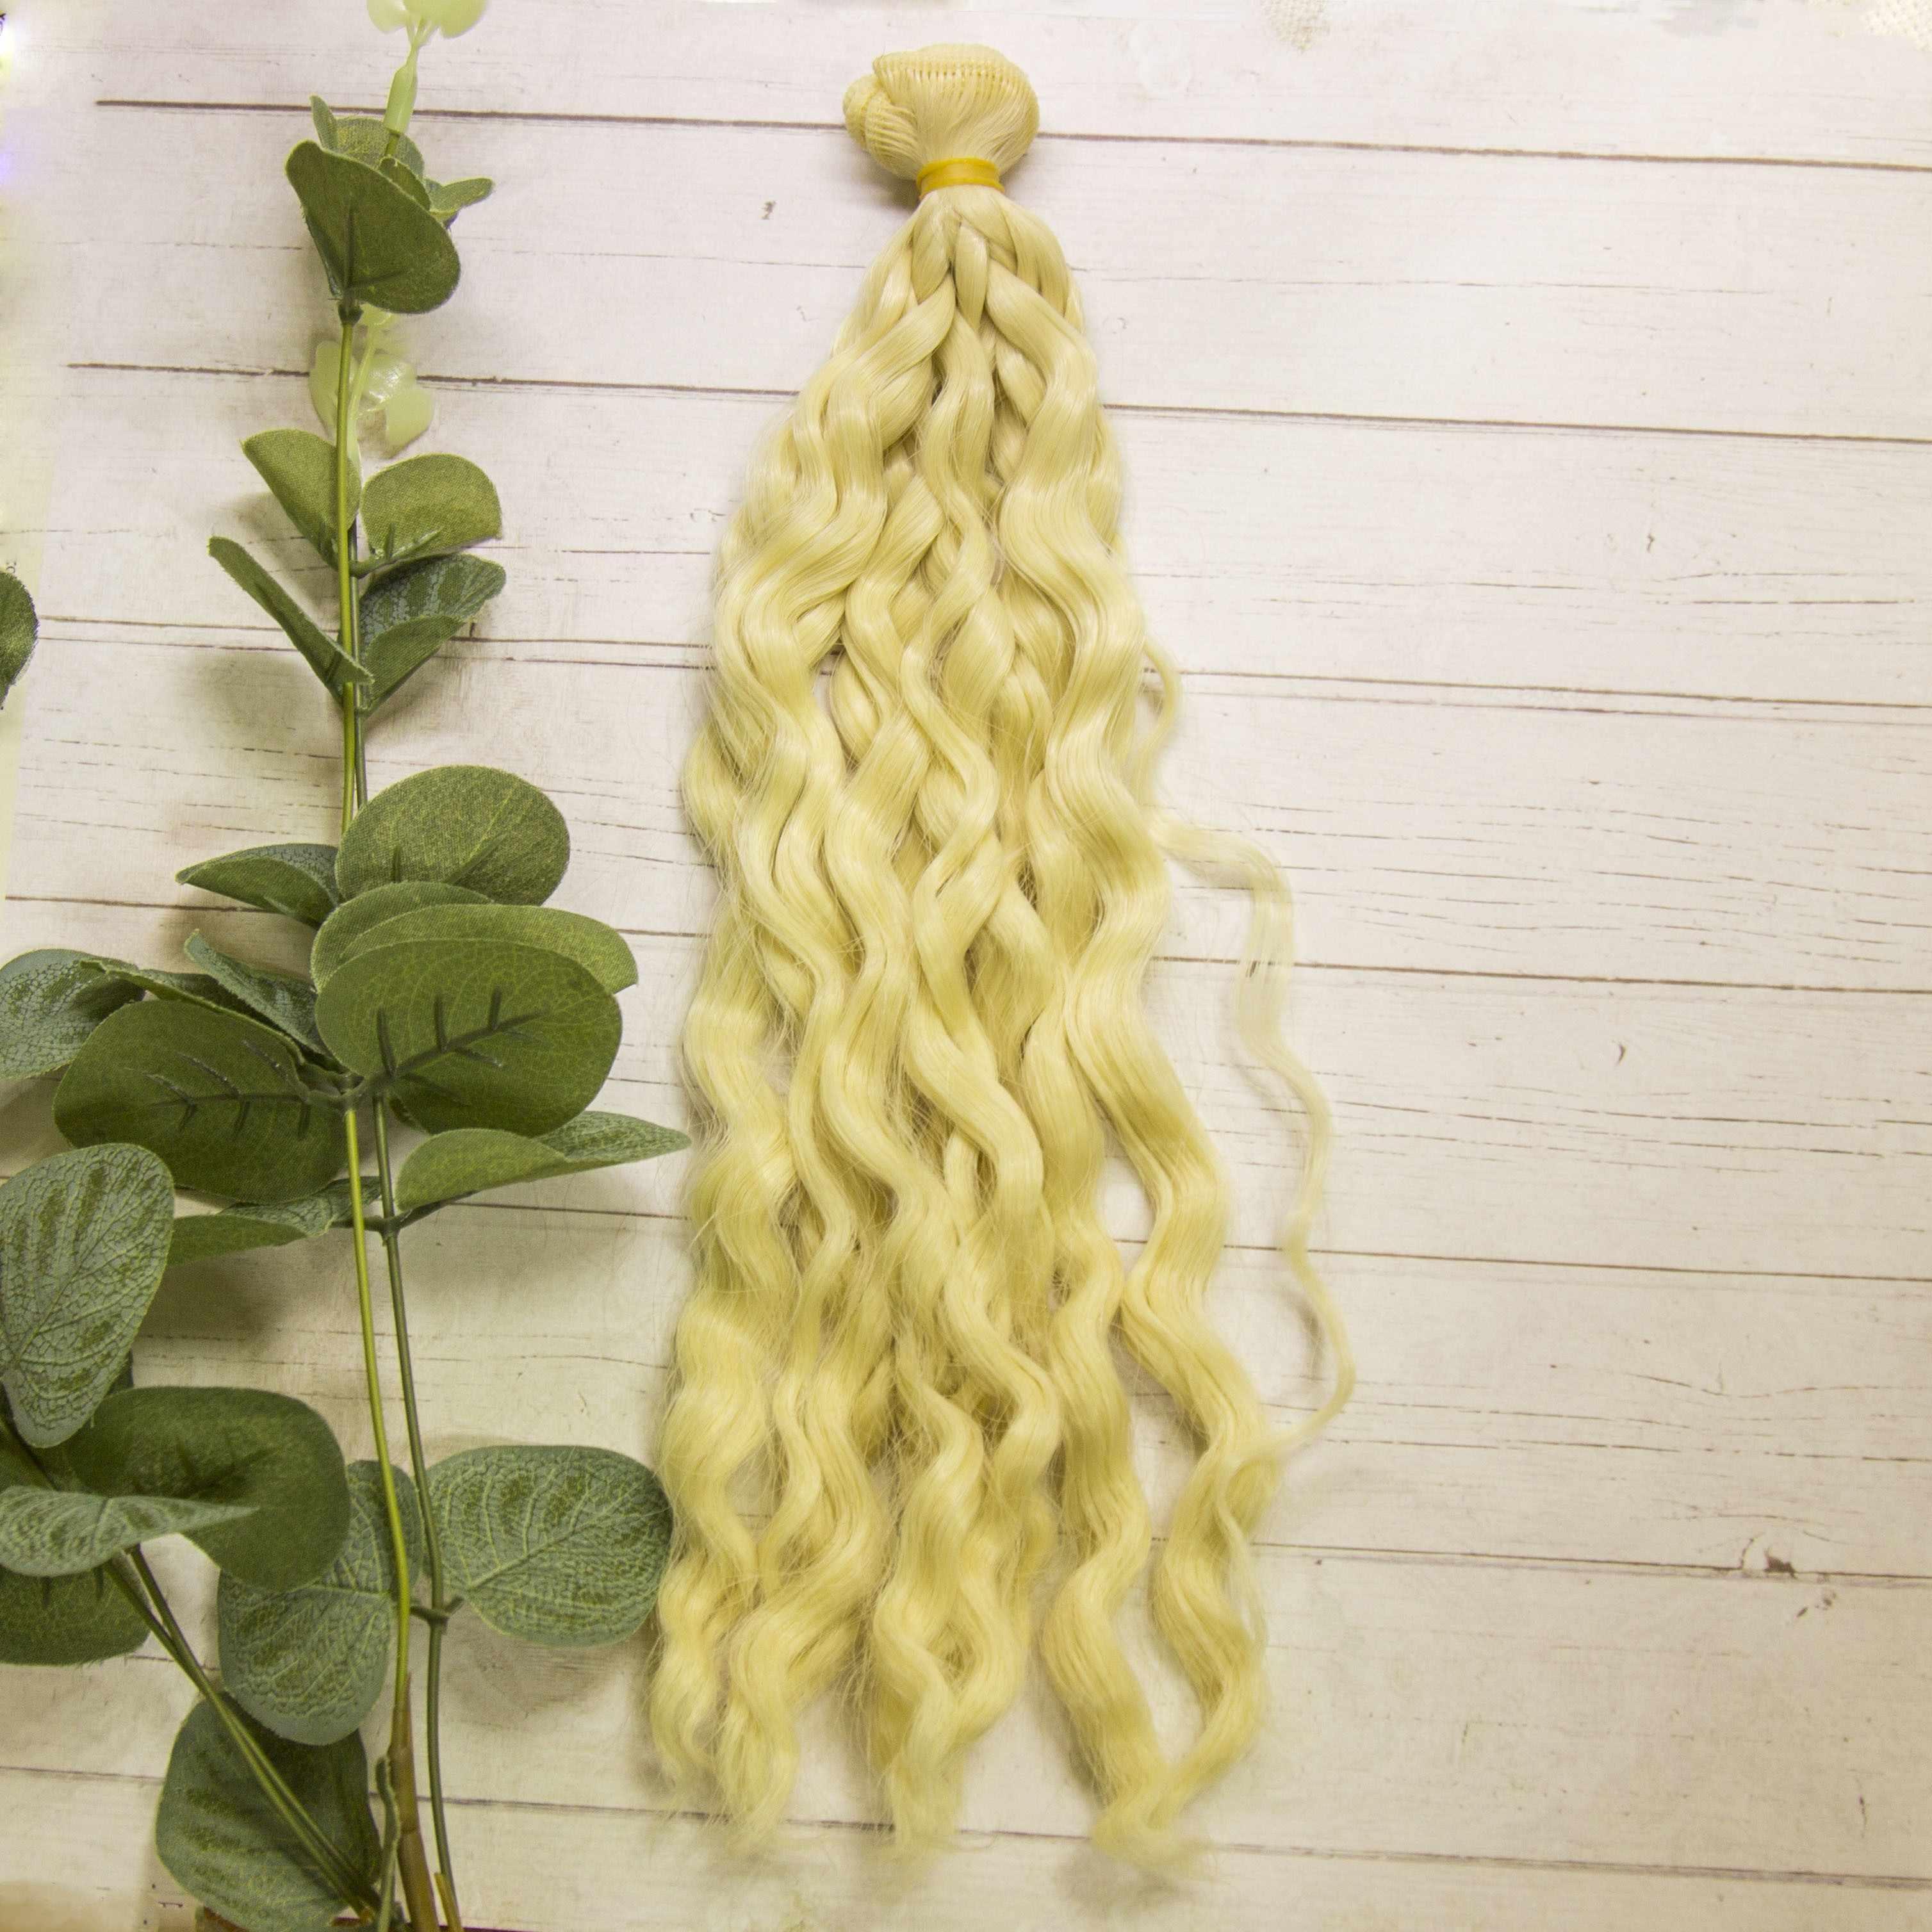 Волосы люкс 88, 25 см